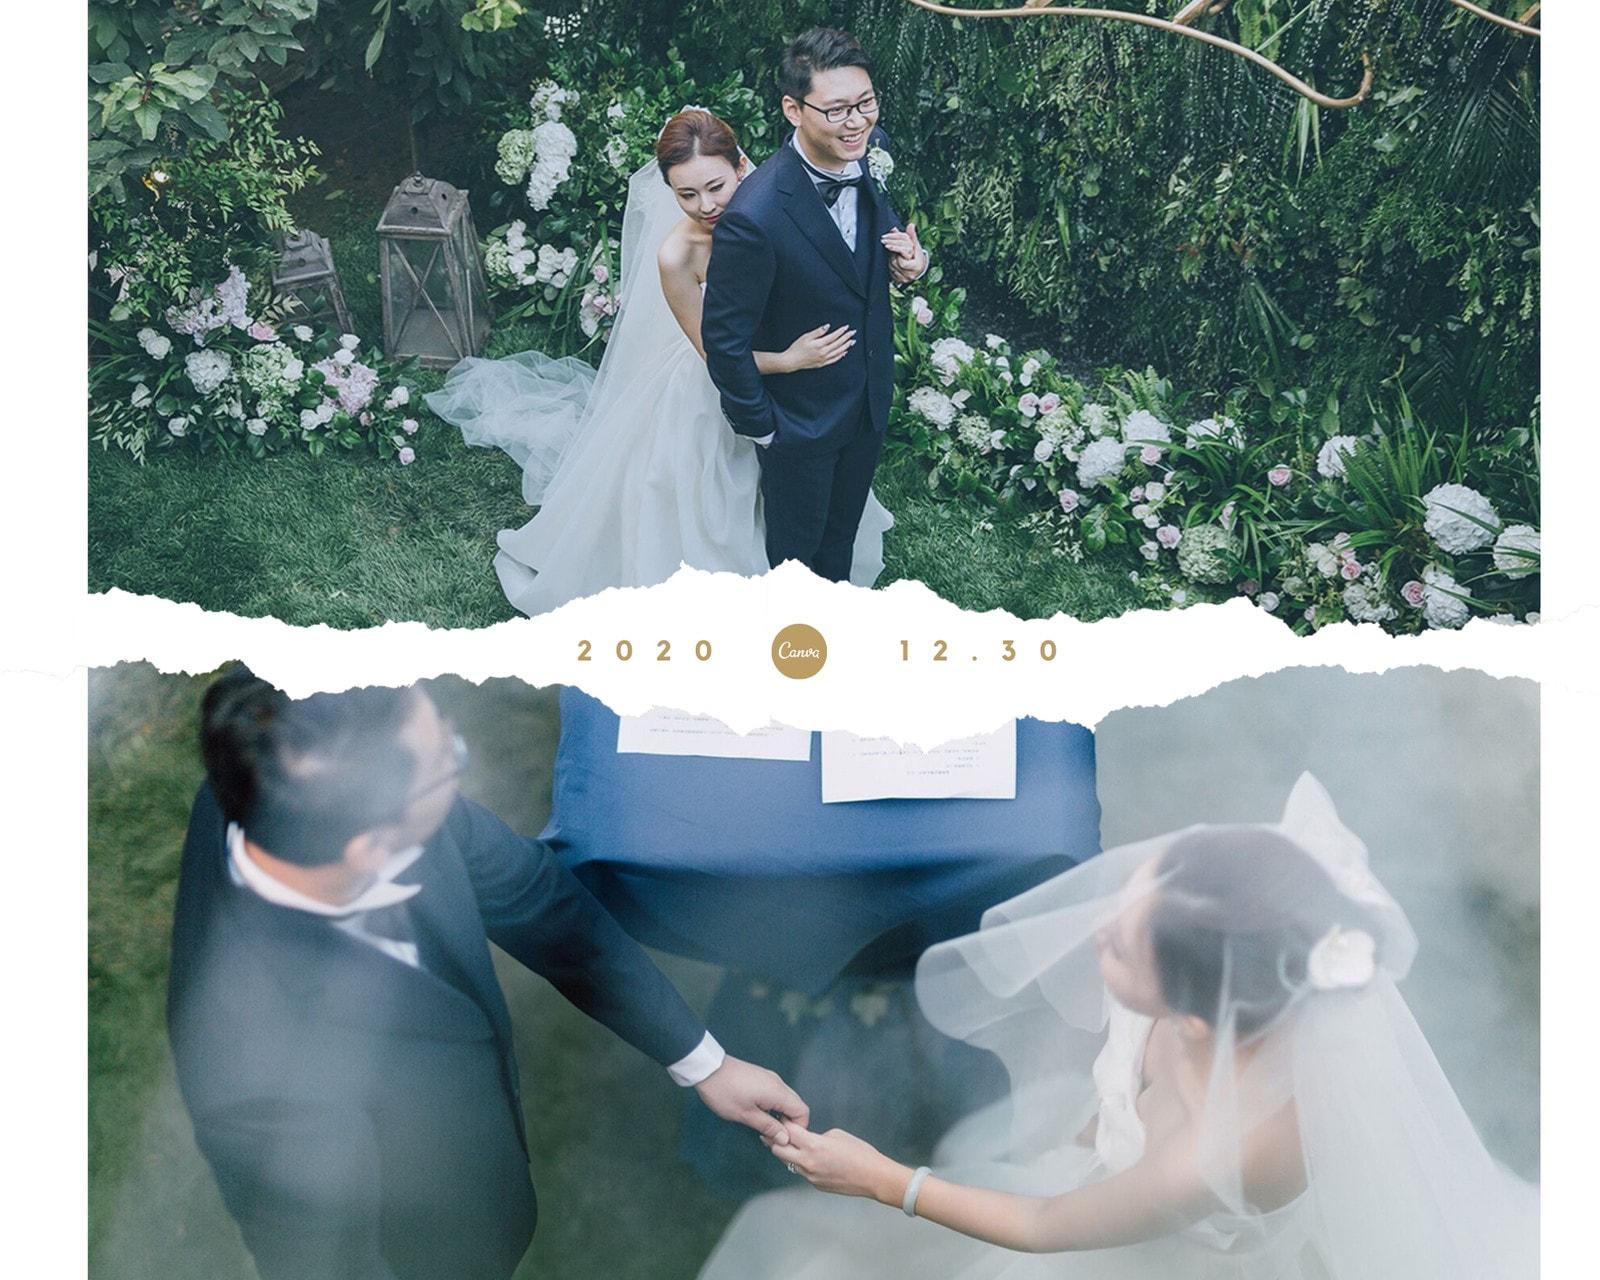 蓝绿色婚礼新人撕纸拼接照片婚纱拼图